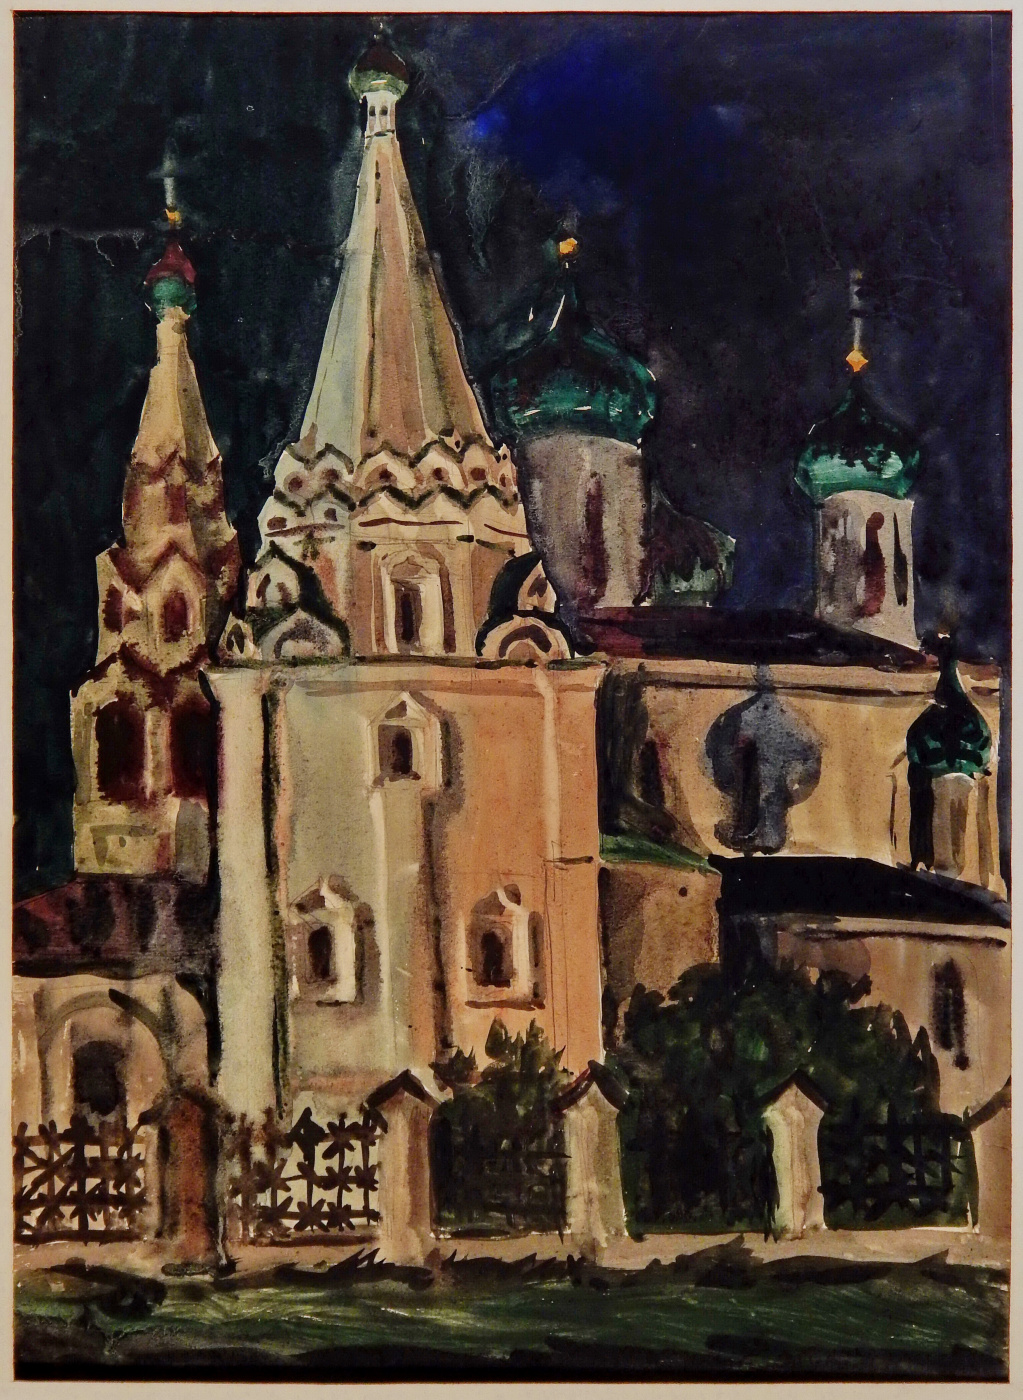 Виктор Георгиевич Ефименко. Церковь Ильи Пророка. Ярославль. 1972